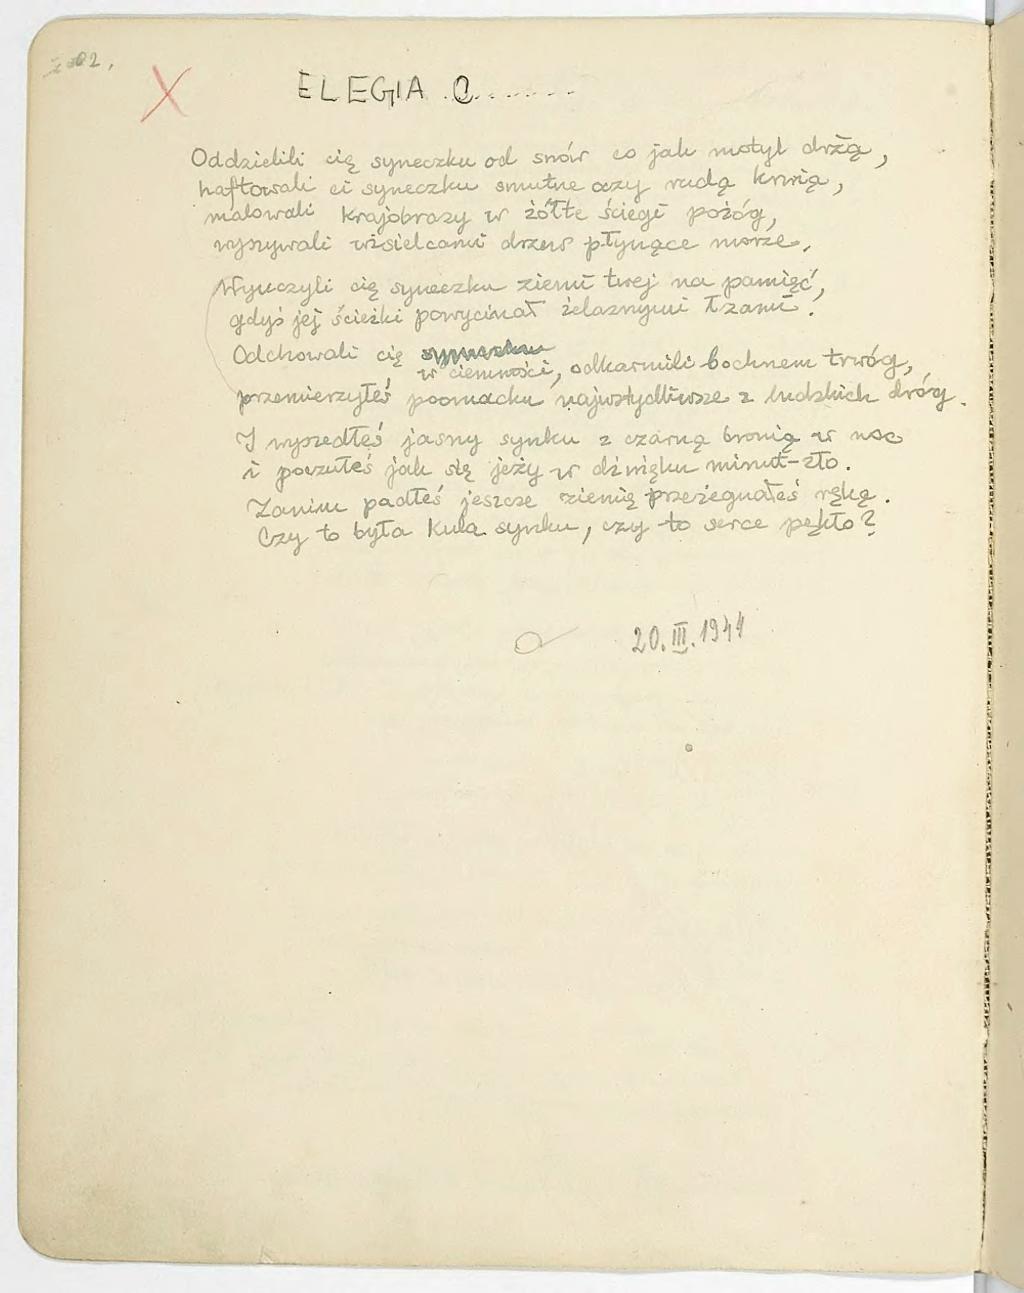 Stronapl Krzysztof Kamil Baczyński Kodeks 42 44djvu068